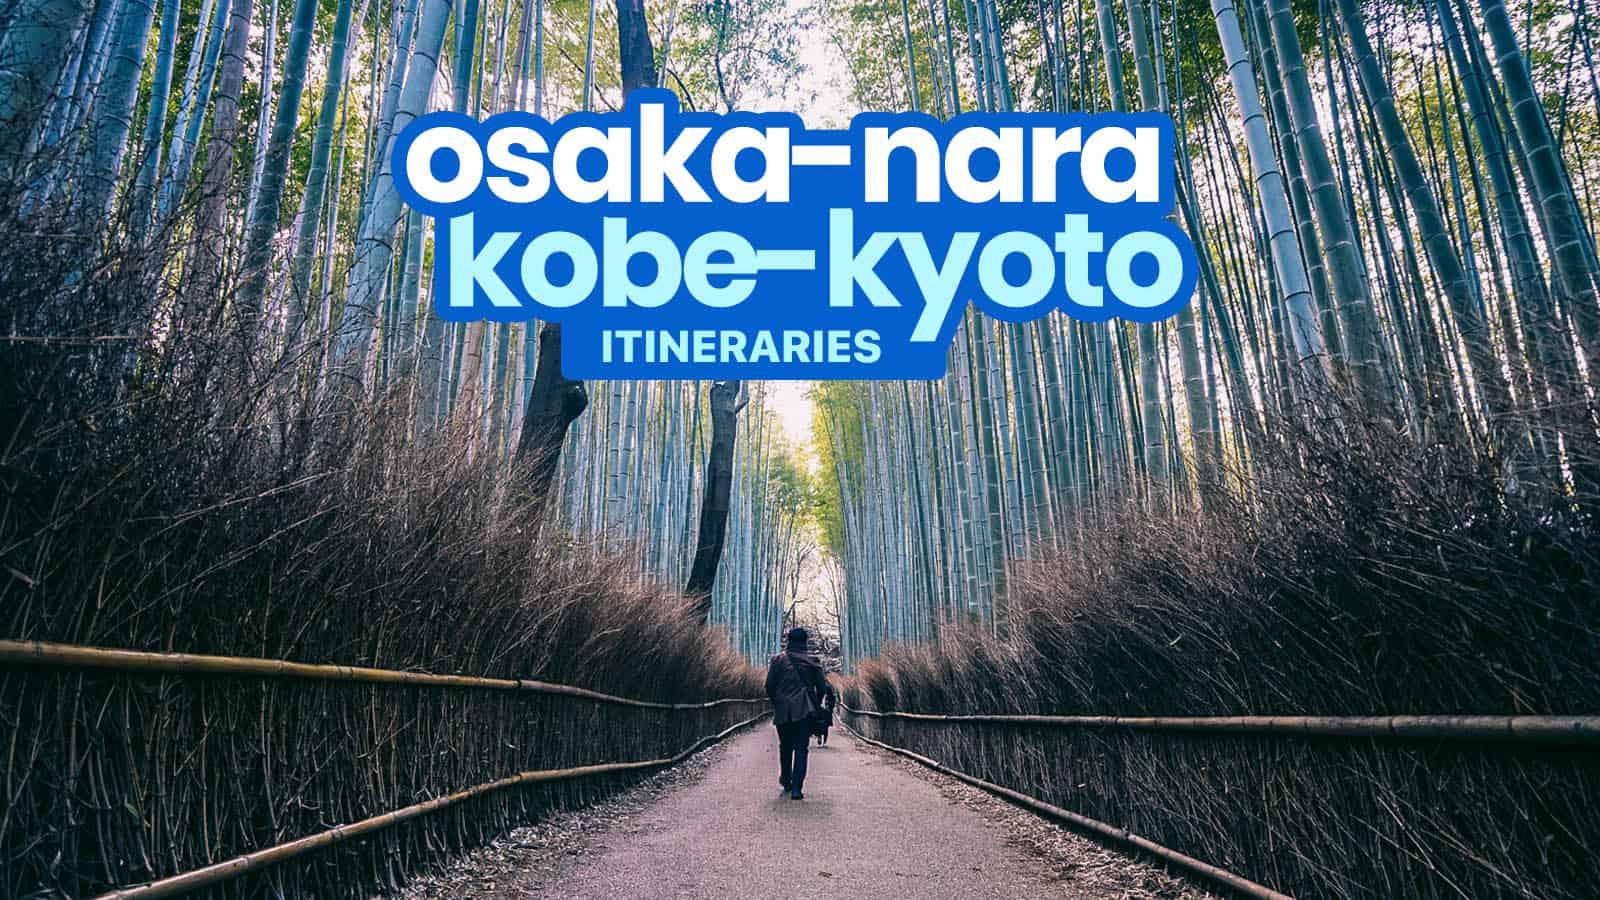 大阪-京都-奈良-古部DIY行程样本。4、5、6天 穷游者的行程博客